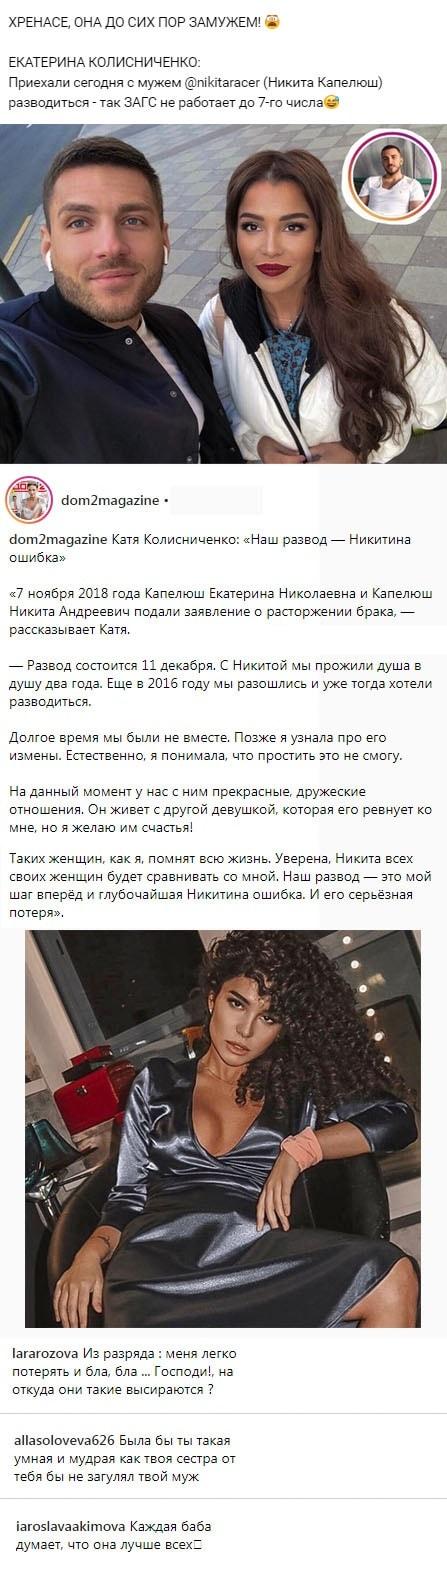 Екатерина Колисниченко официально разводиться с мужем